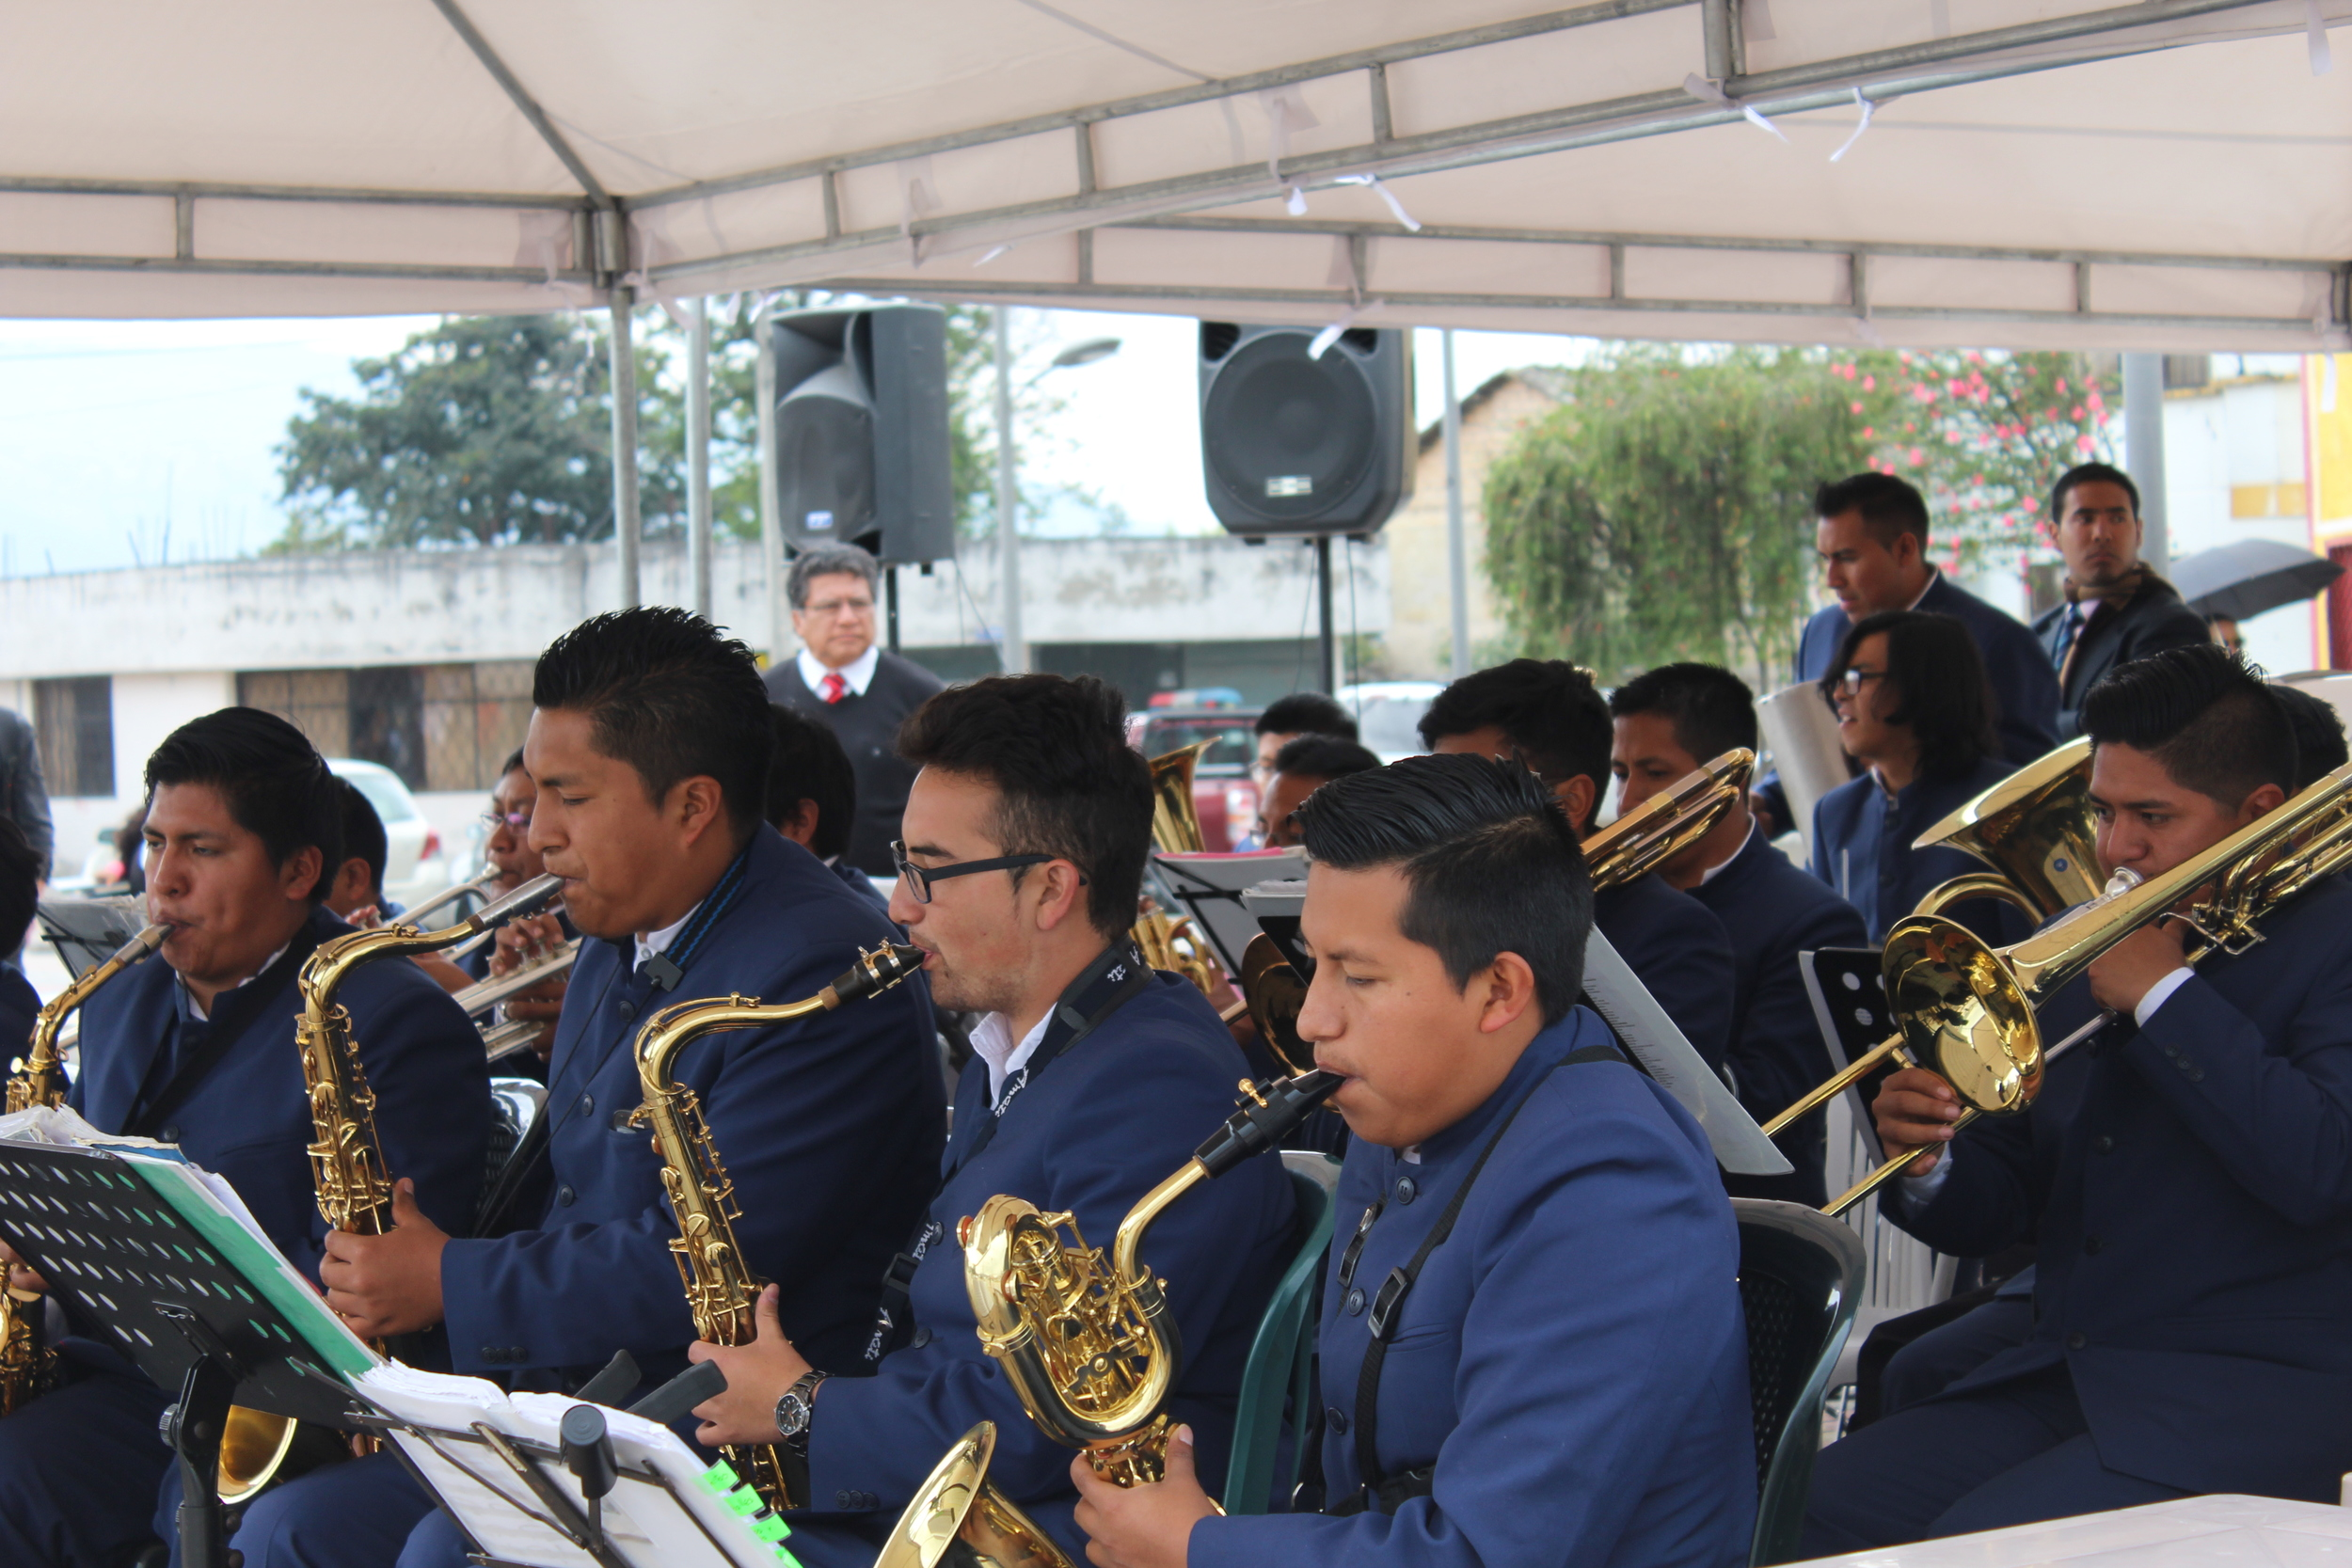 Ecuador5K_band.jpg